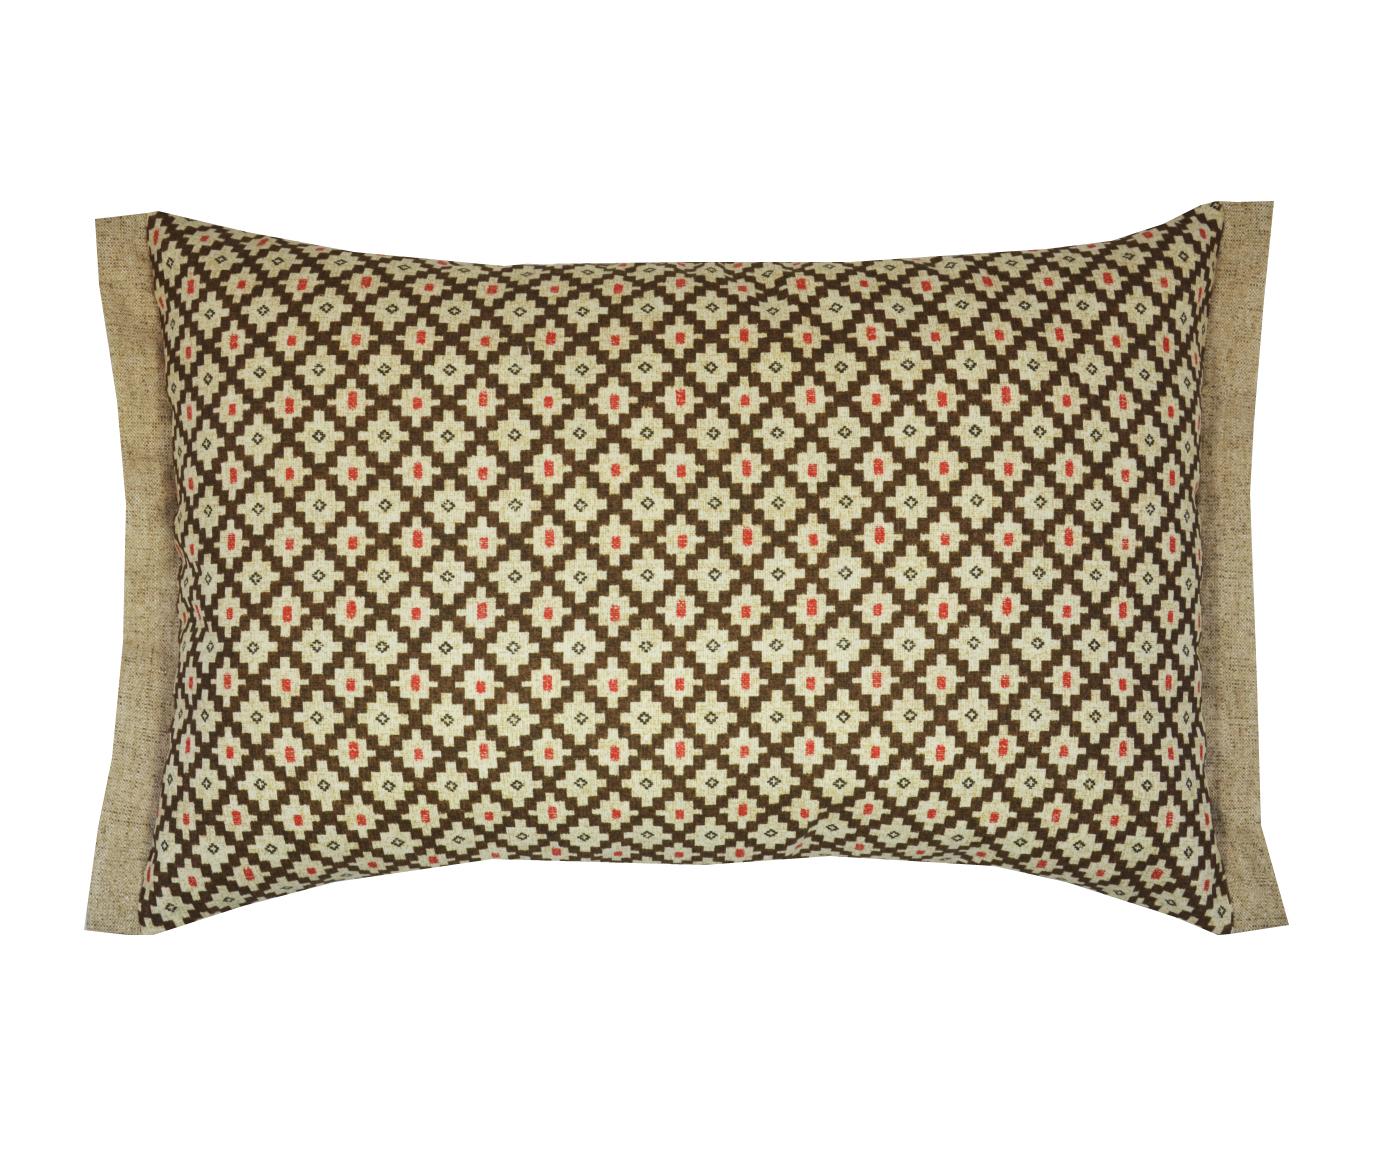 Подушка Calella brownПрямоугольные подушки и наволочки<br>Декоративная  подушка .Чехол съемный.<br><br>Material: Хлопок<br>Length см: None<br>Width см: 60<br>Depth см: 15<br>Height см: 40